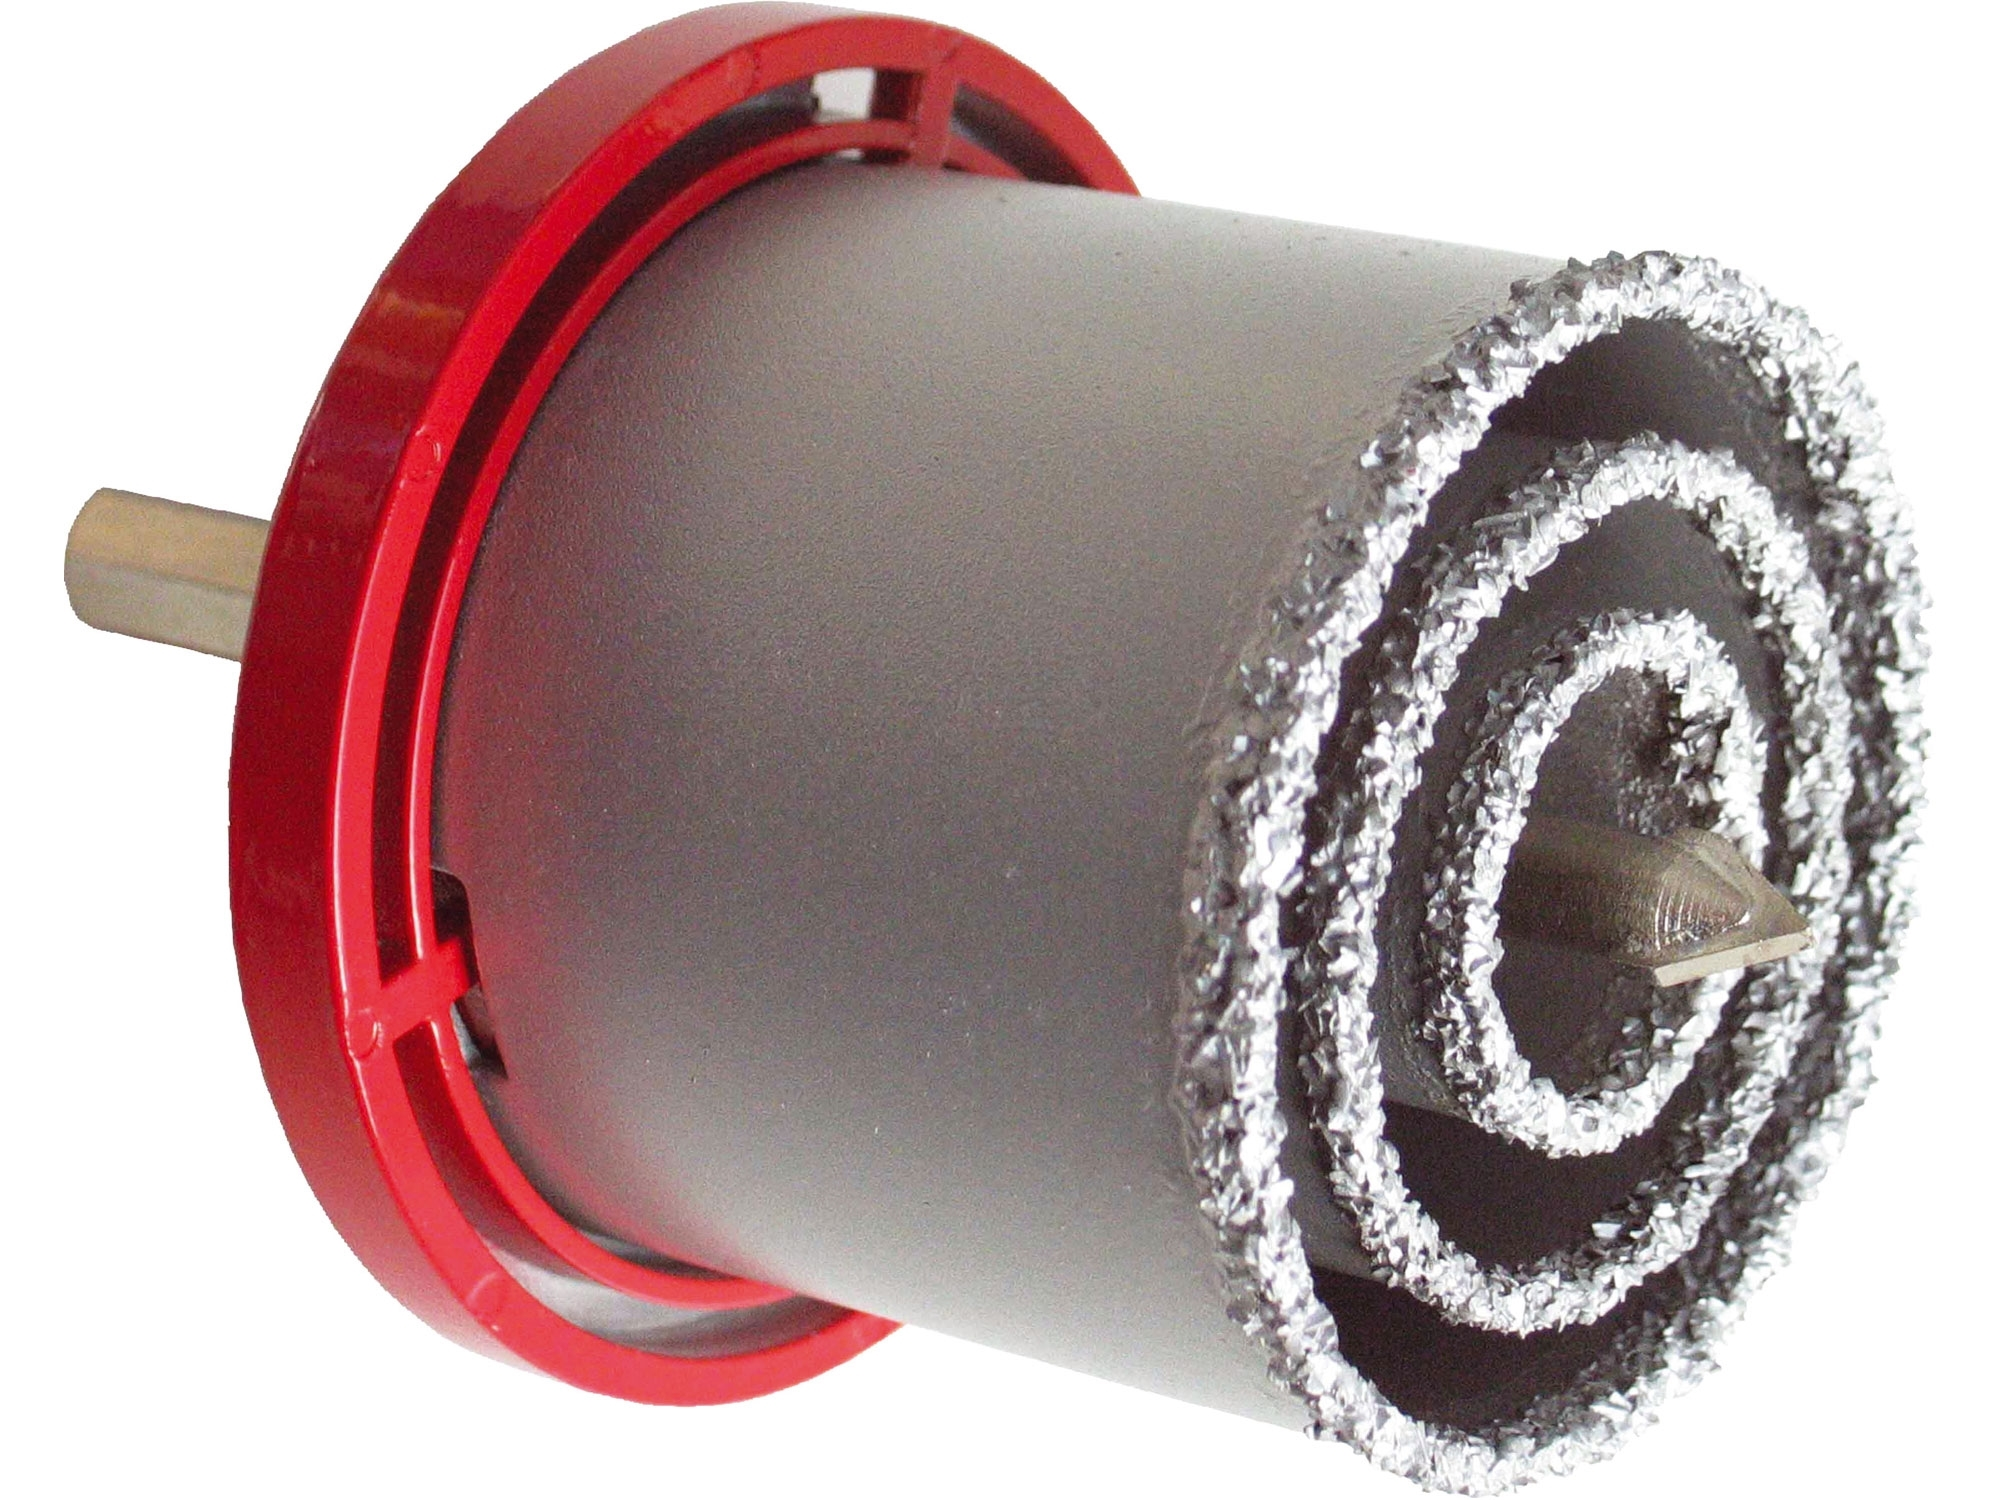 vrtáky vykružovací s karbid. ostřím, O 33-53-73mm